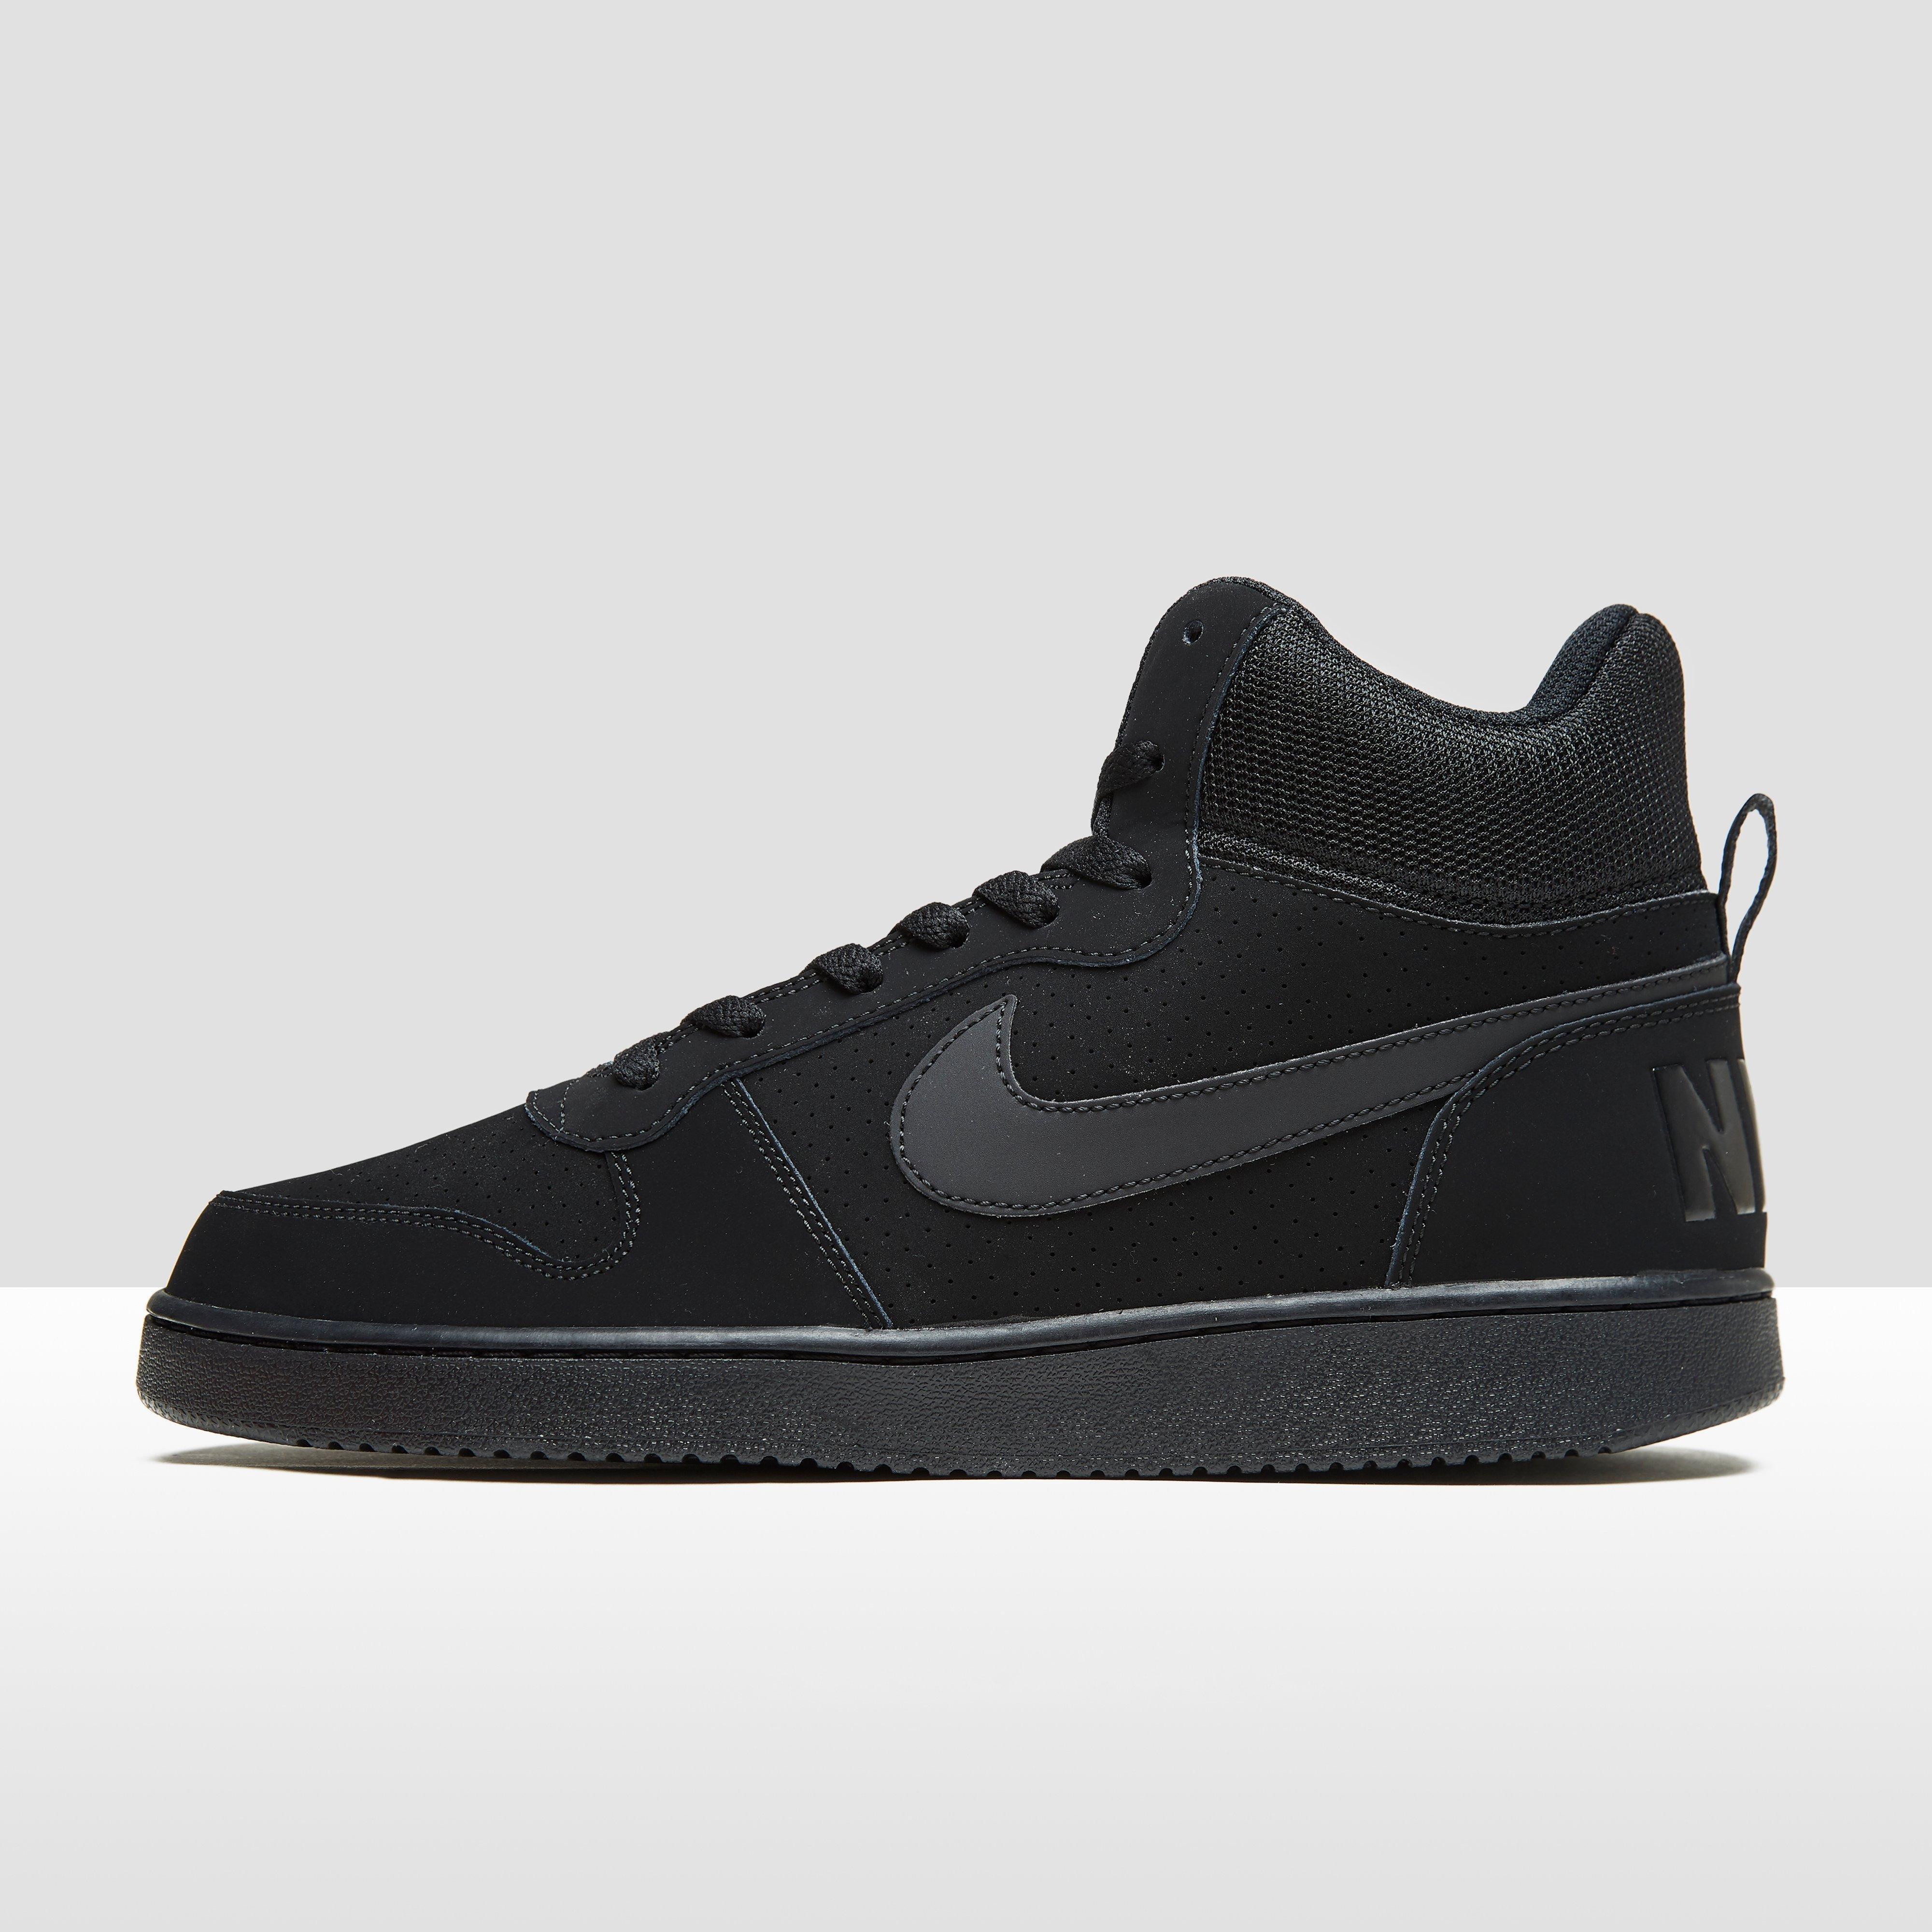 Nike Chaussures Quartier De La Cour De Basket-ball, Mi Hommes - Noir (noir / Blanc), Taille: 44